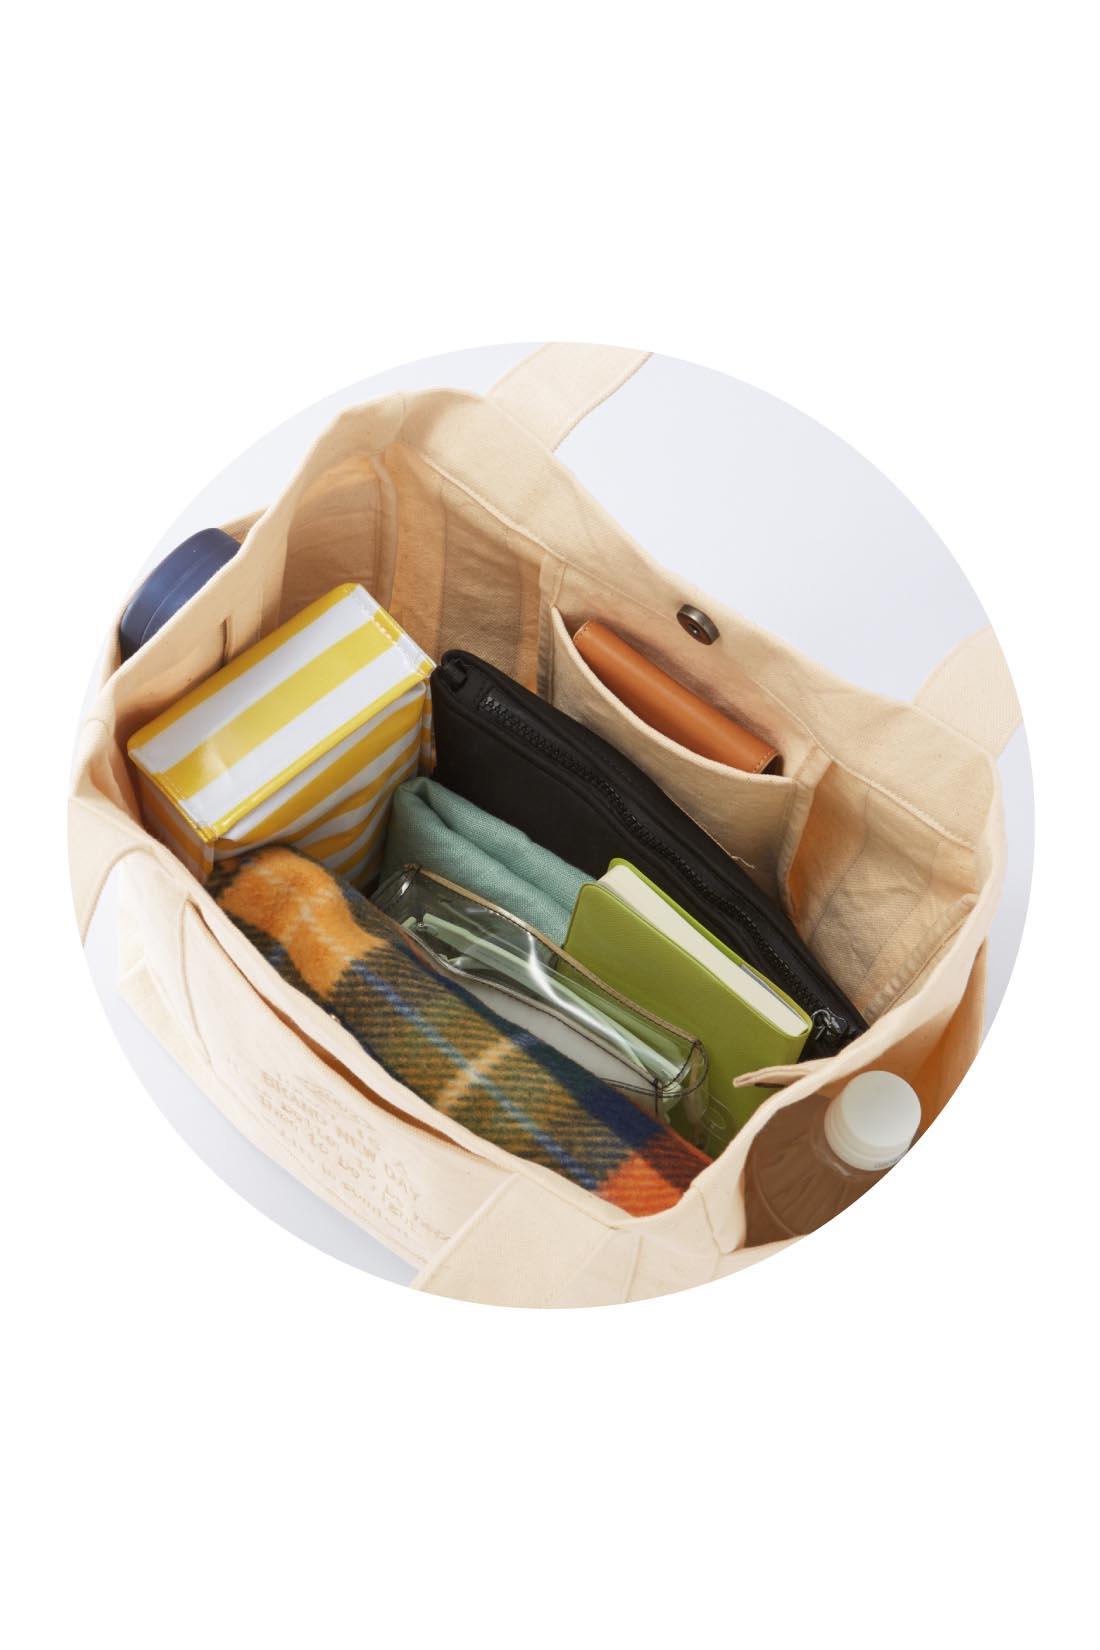 まちが広いからたくさんの荷物も余裕。 ※お届けするカラーとは異なります。